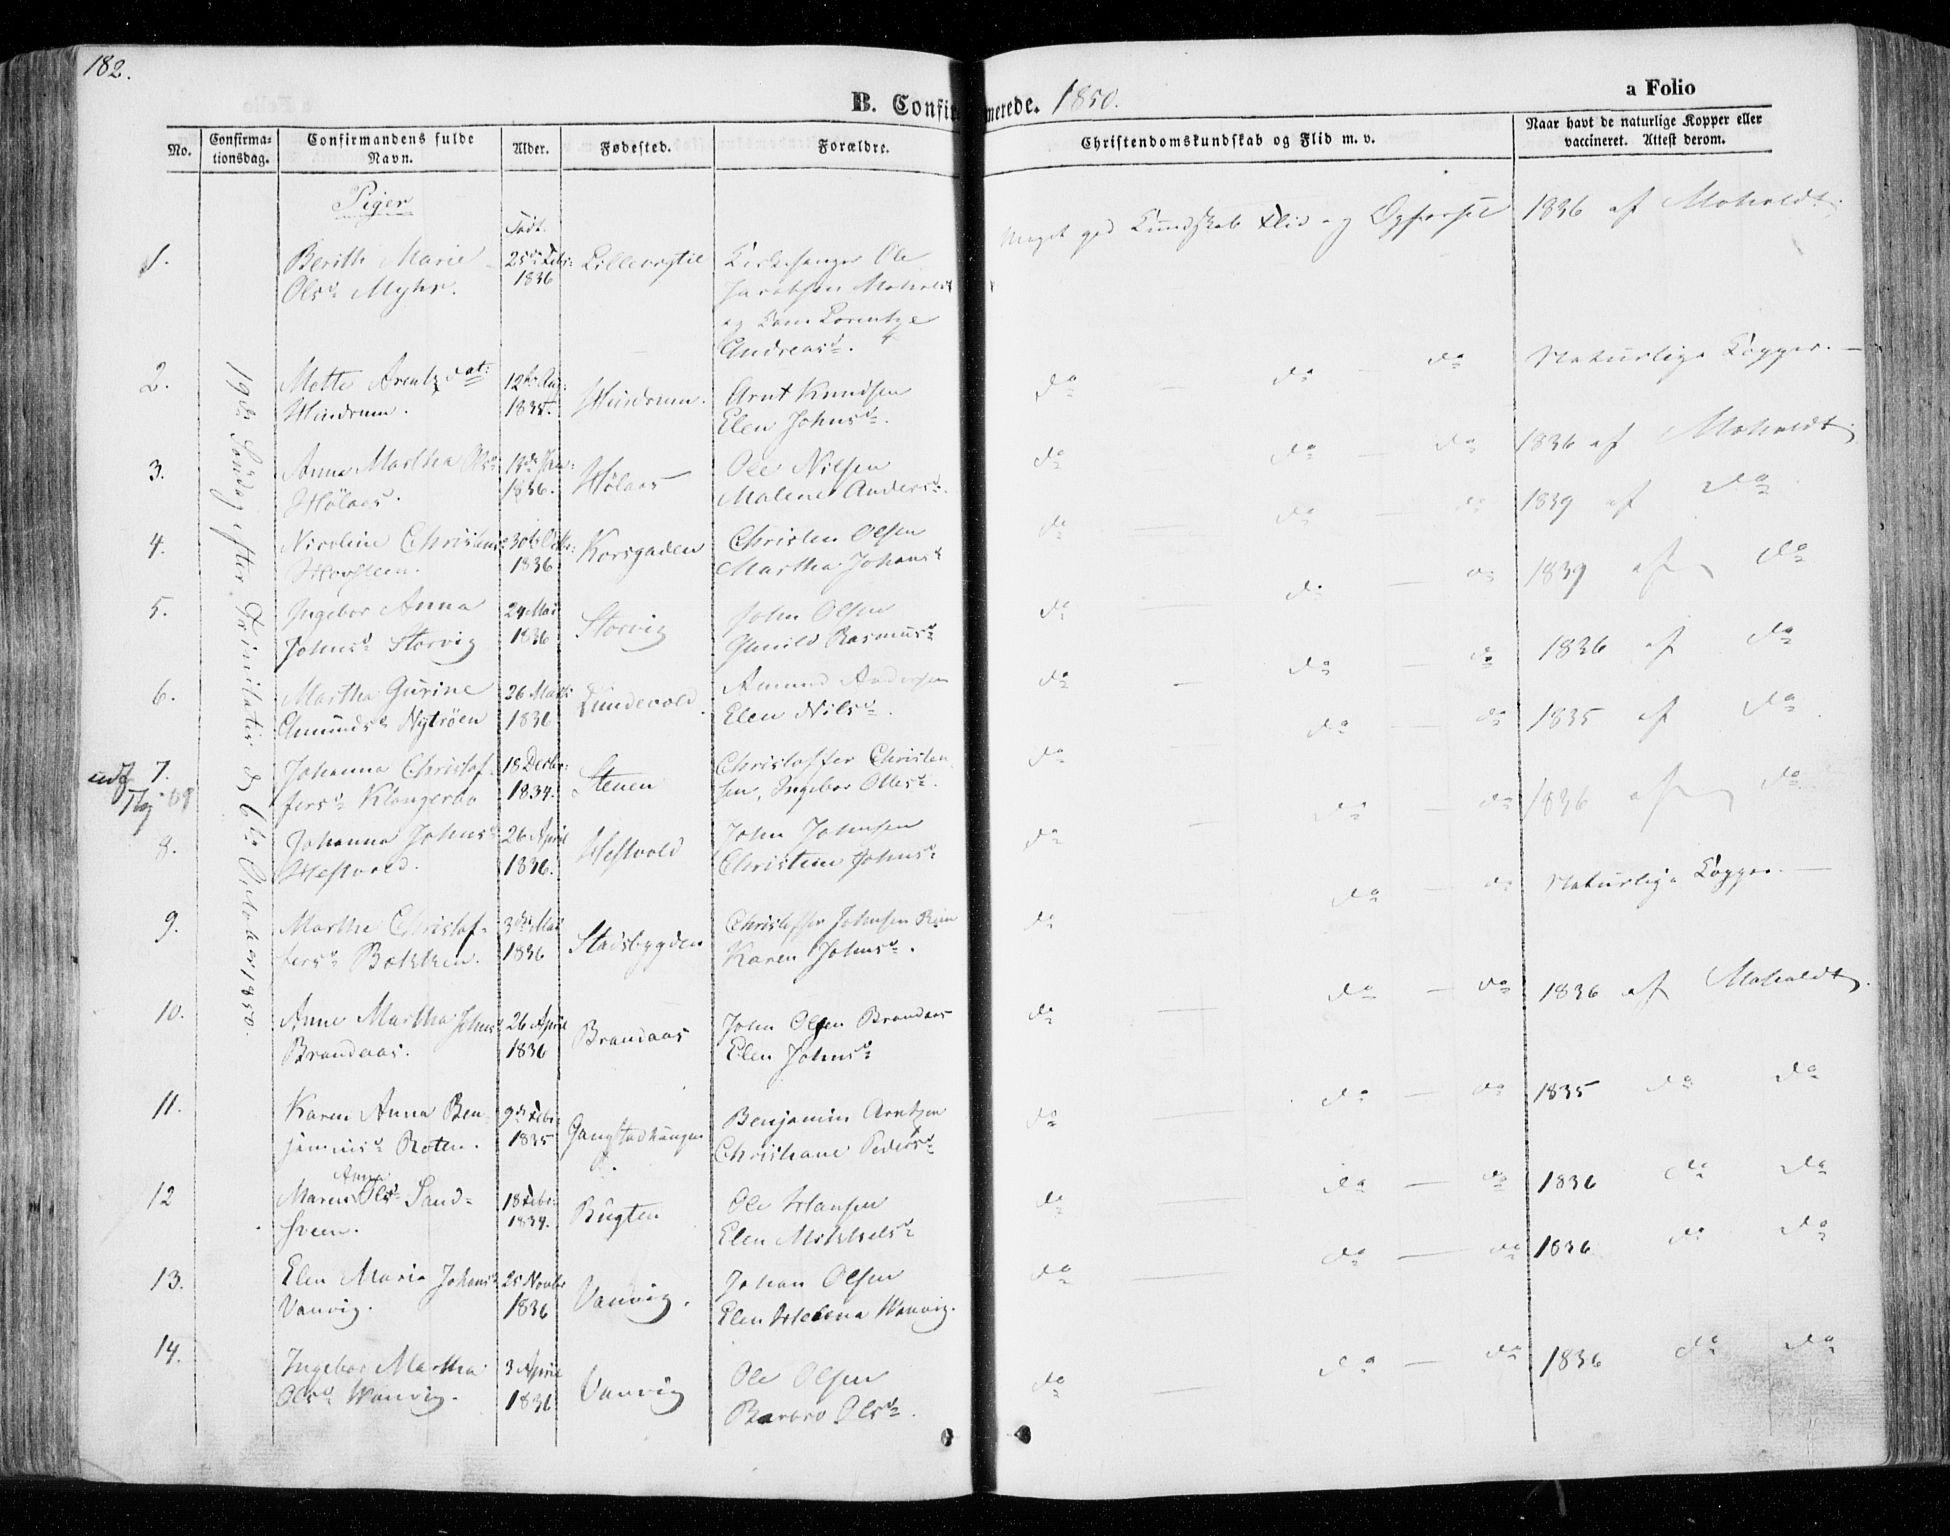 SAT, Ministerialprotokoller, klokkerbøker og fødselsregistre - Nord-Trøndelag, 701/L0007: Parish register (official) no. 701A07 /1, 1842-1854, p. 182